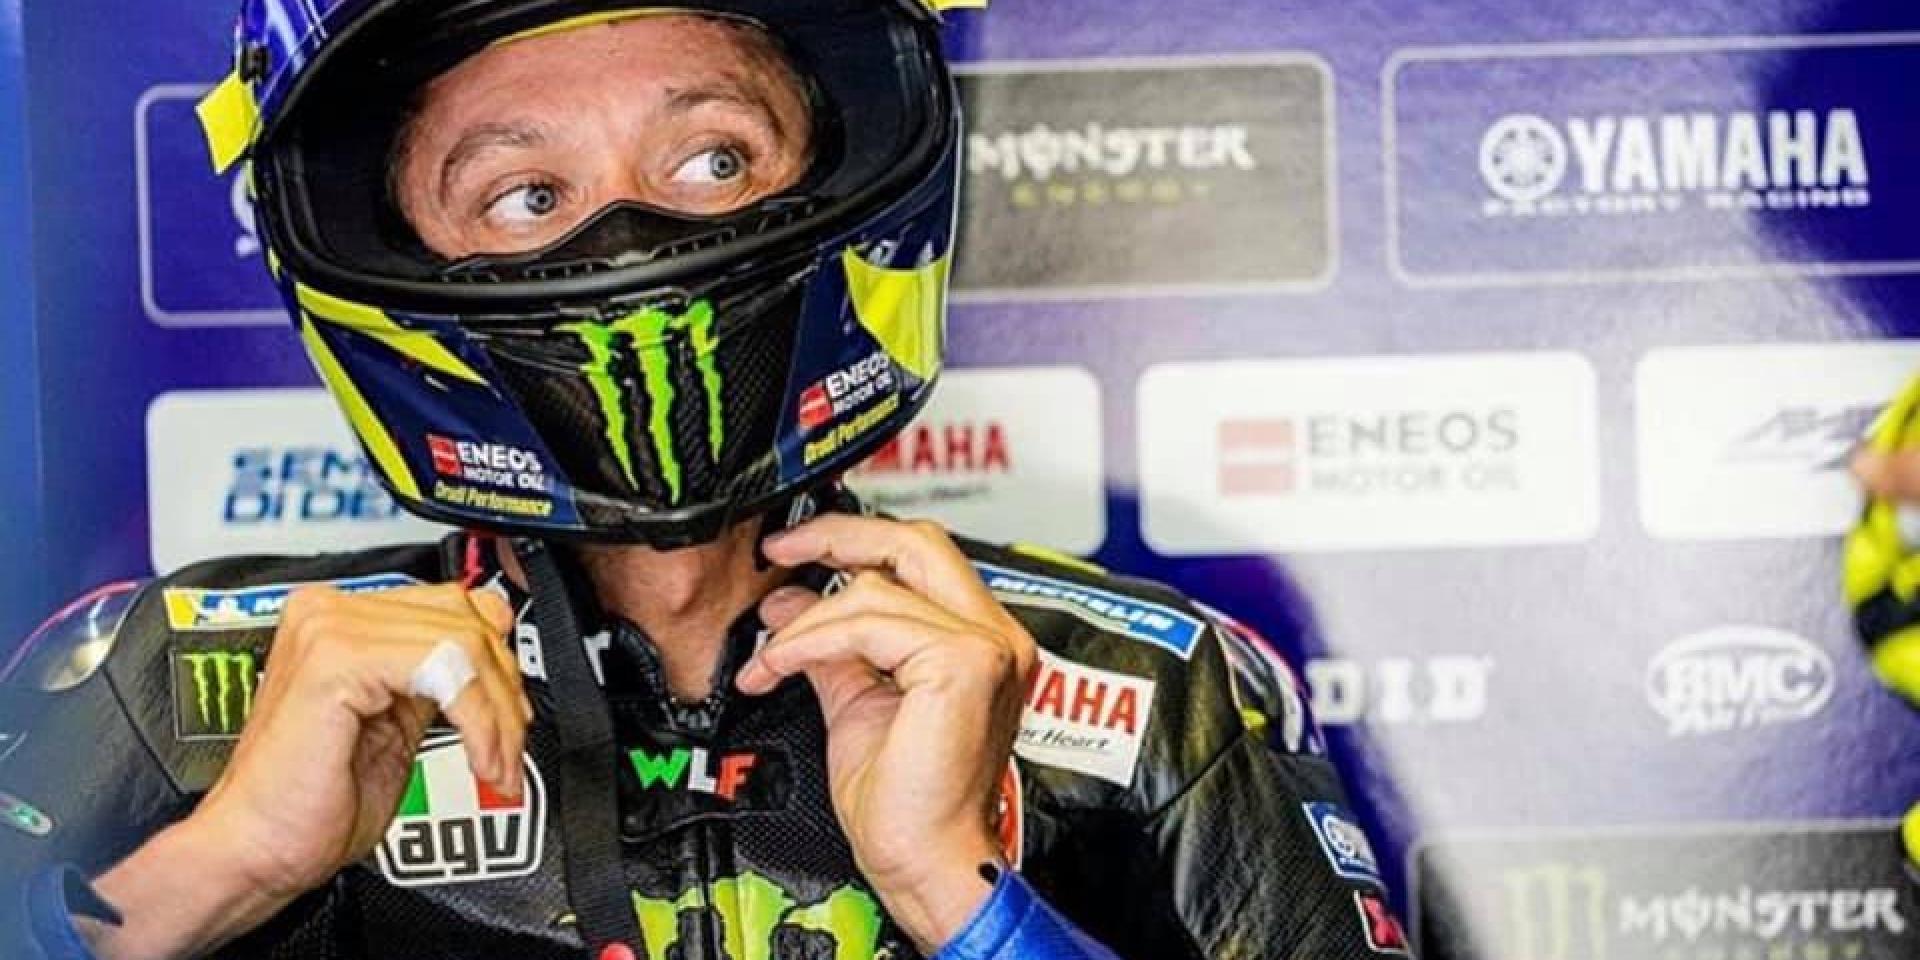 17個分站後,終於有自己風格的車。Valentino Rossi:YAMAHA希望我學會像Quartararo那樣子騎車,但那不是我的風格!